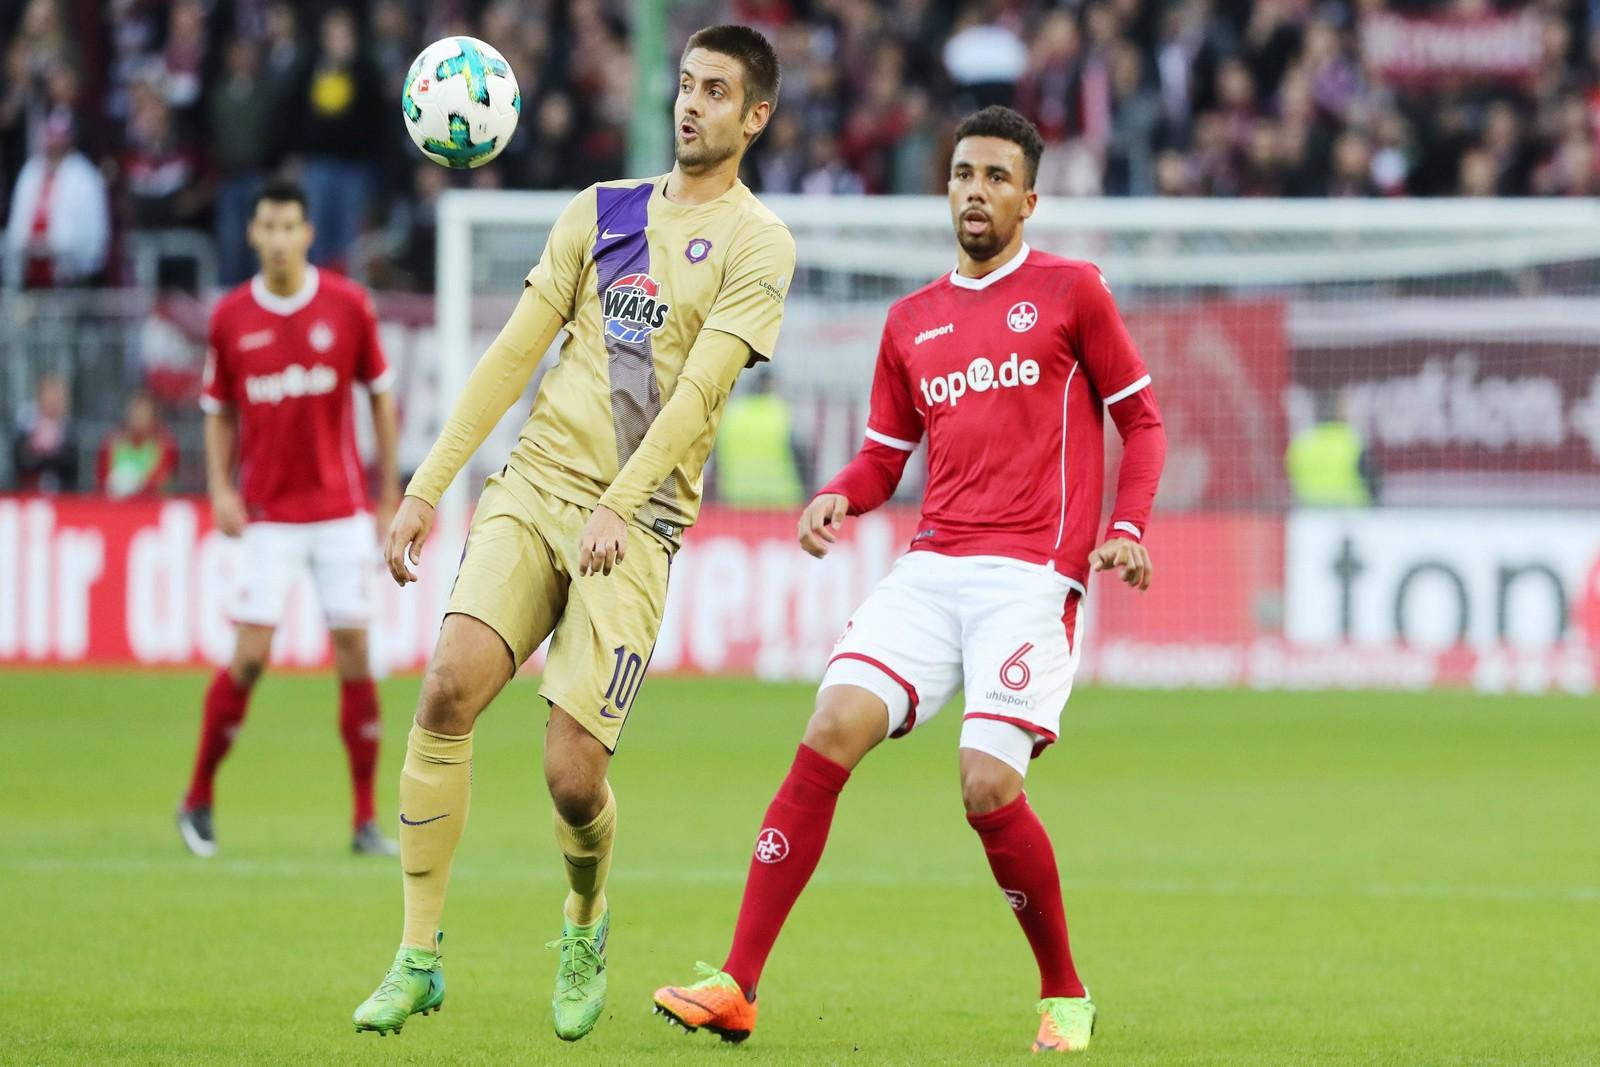 Leon Guwara vom 1. FC Kaiserslautern gegen Dimitrij Nazarov von Erzgebirge Aue